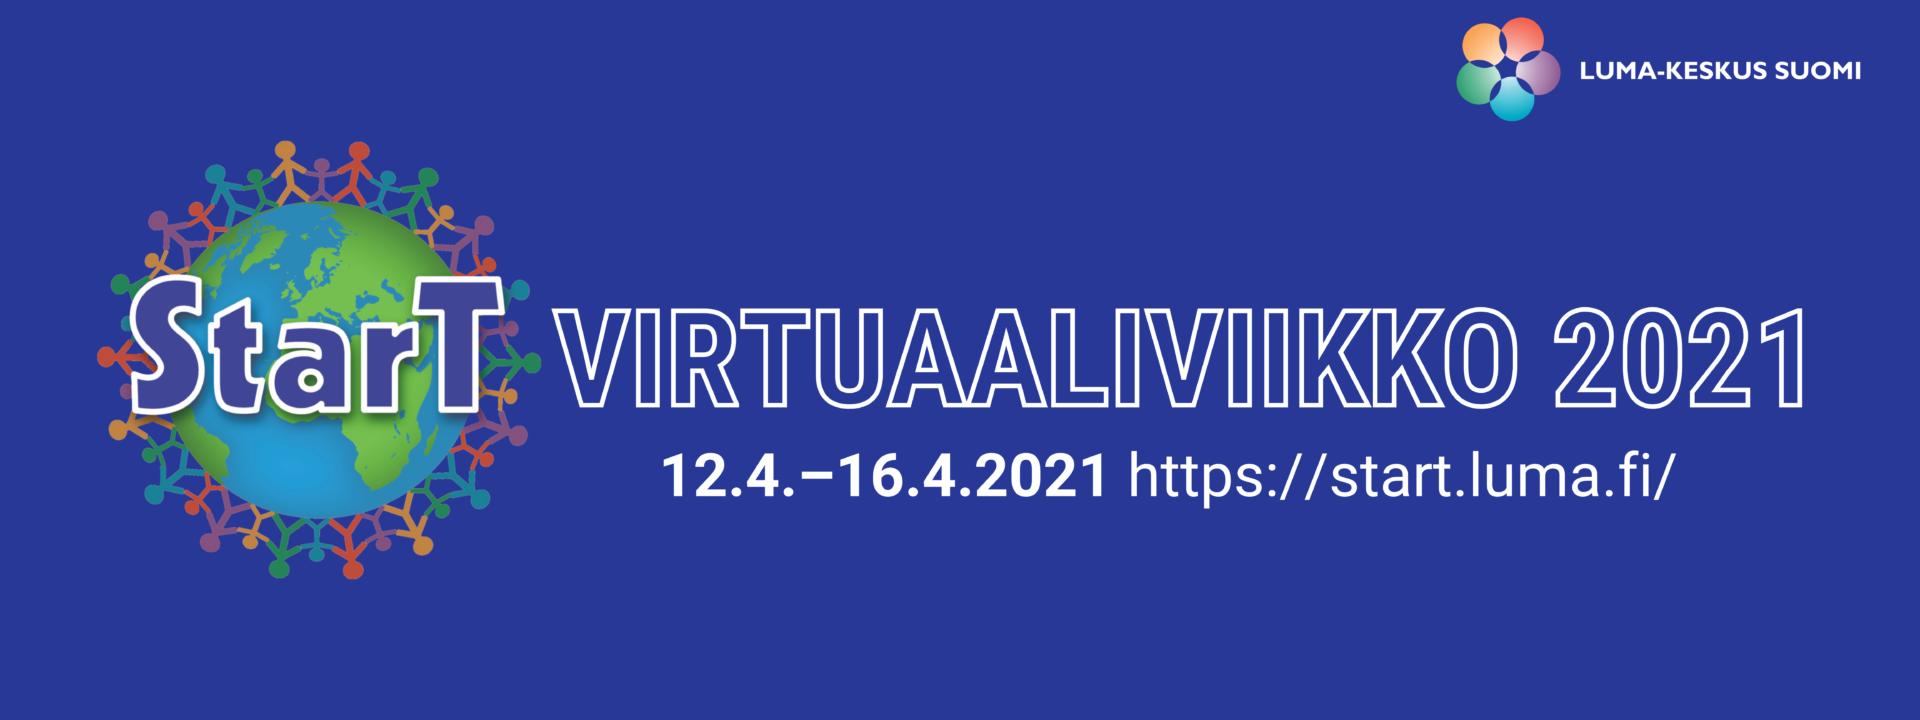 StarT virtuaaliviikon 2021 logo. Virtuaaliviikko järjestetään 12.4.-16.4.2021.